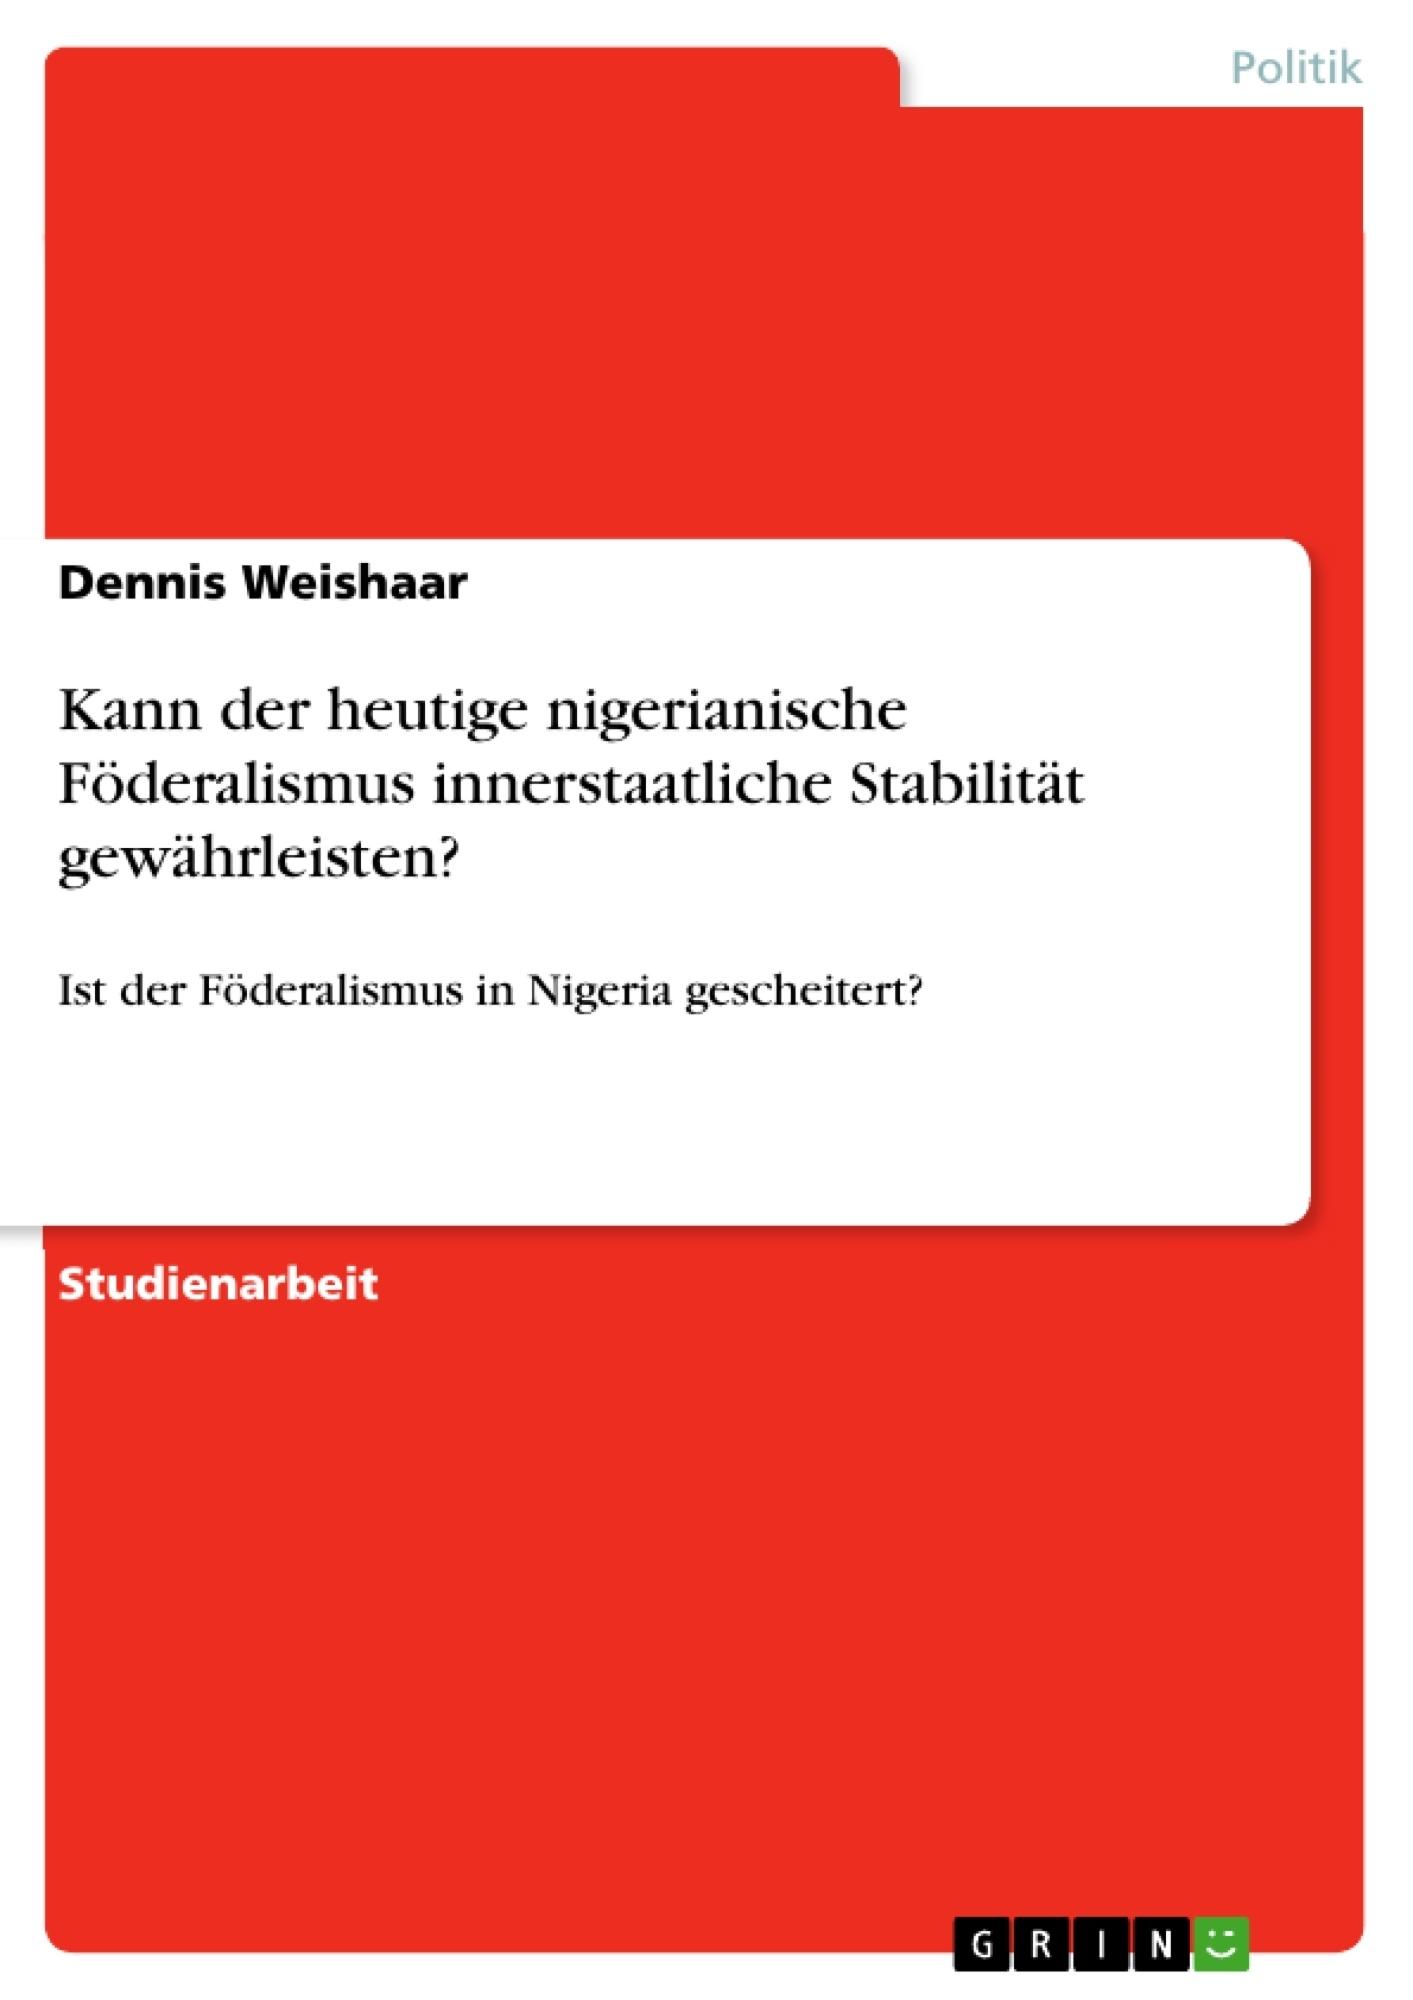 Titel: Kann der heutige nigerianische Föderalismus innerstaatliche Stabilität gewährleisten?